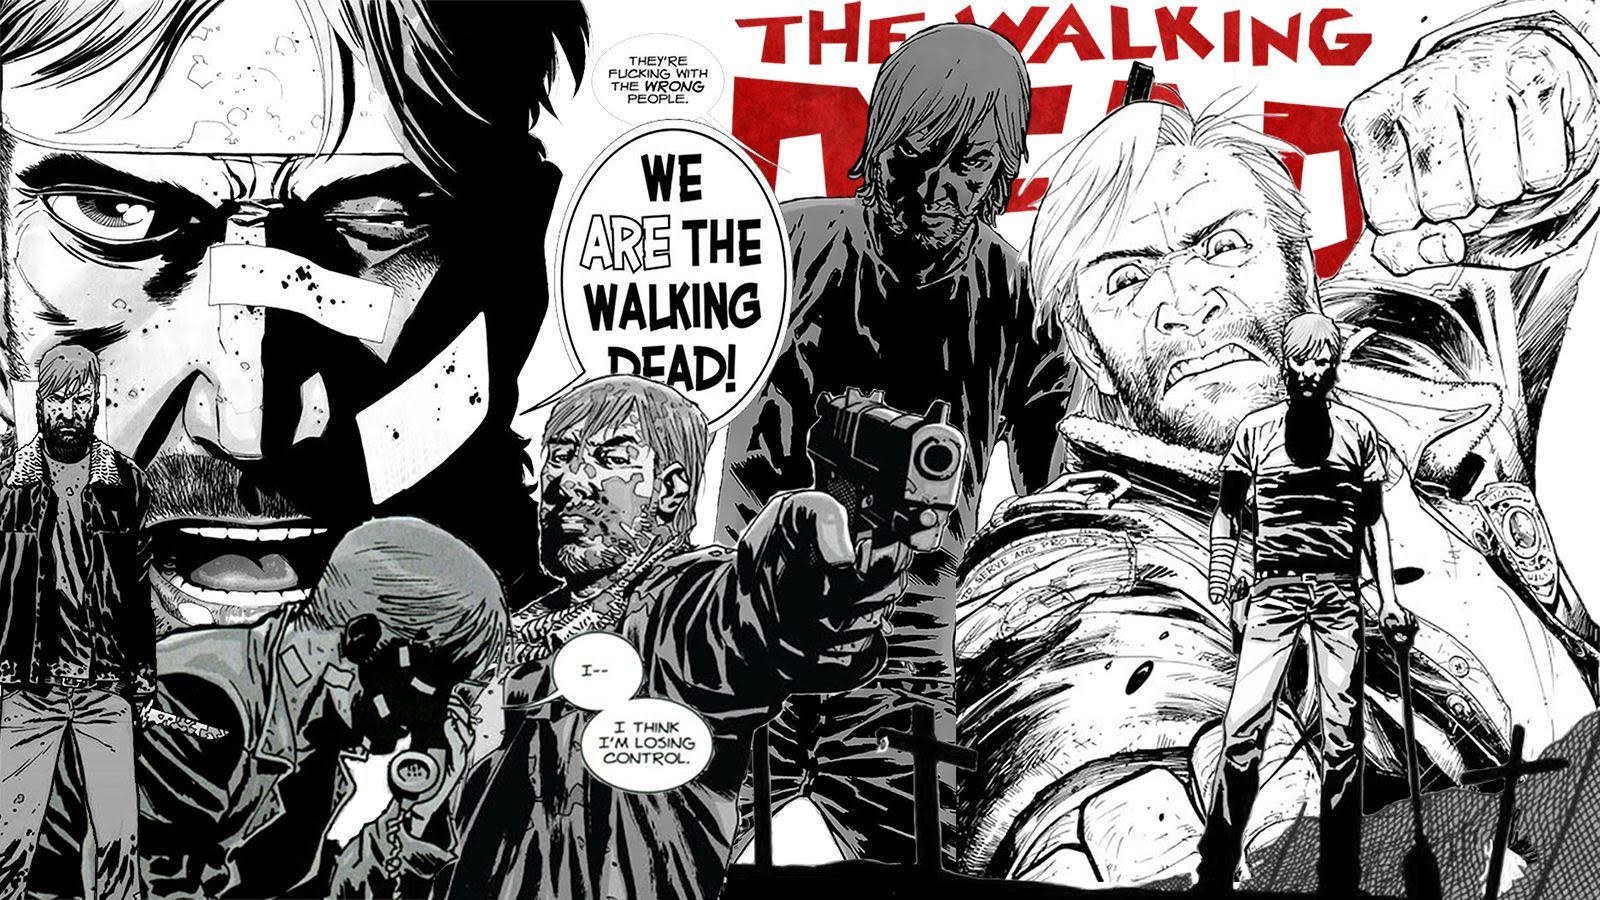 Wallpaper For All You Walking Dead Comic Fans Thewalkingdead